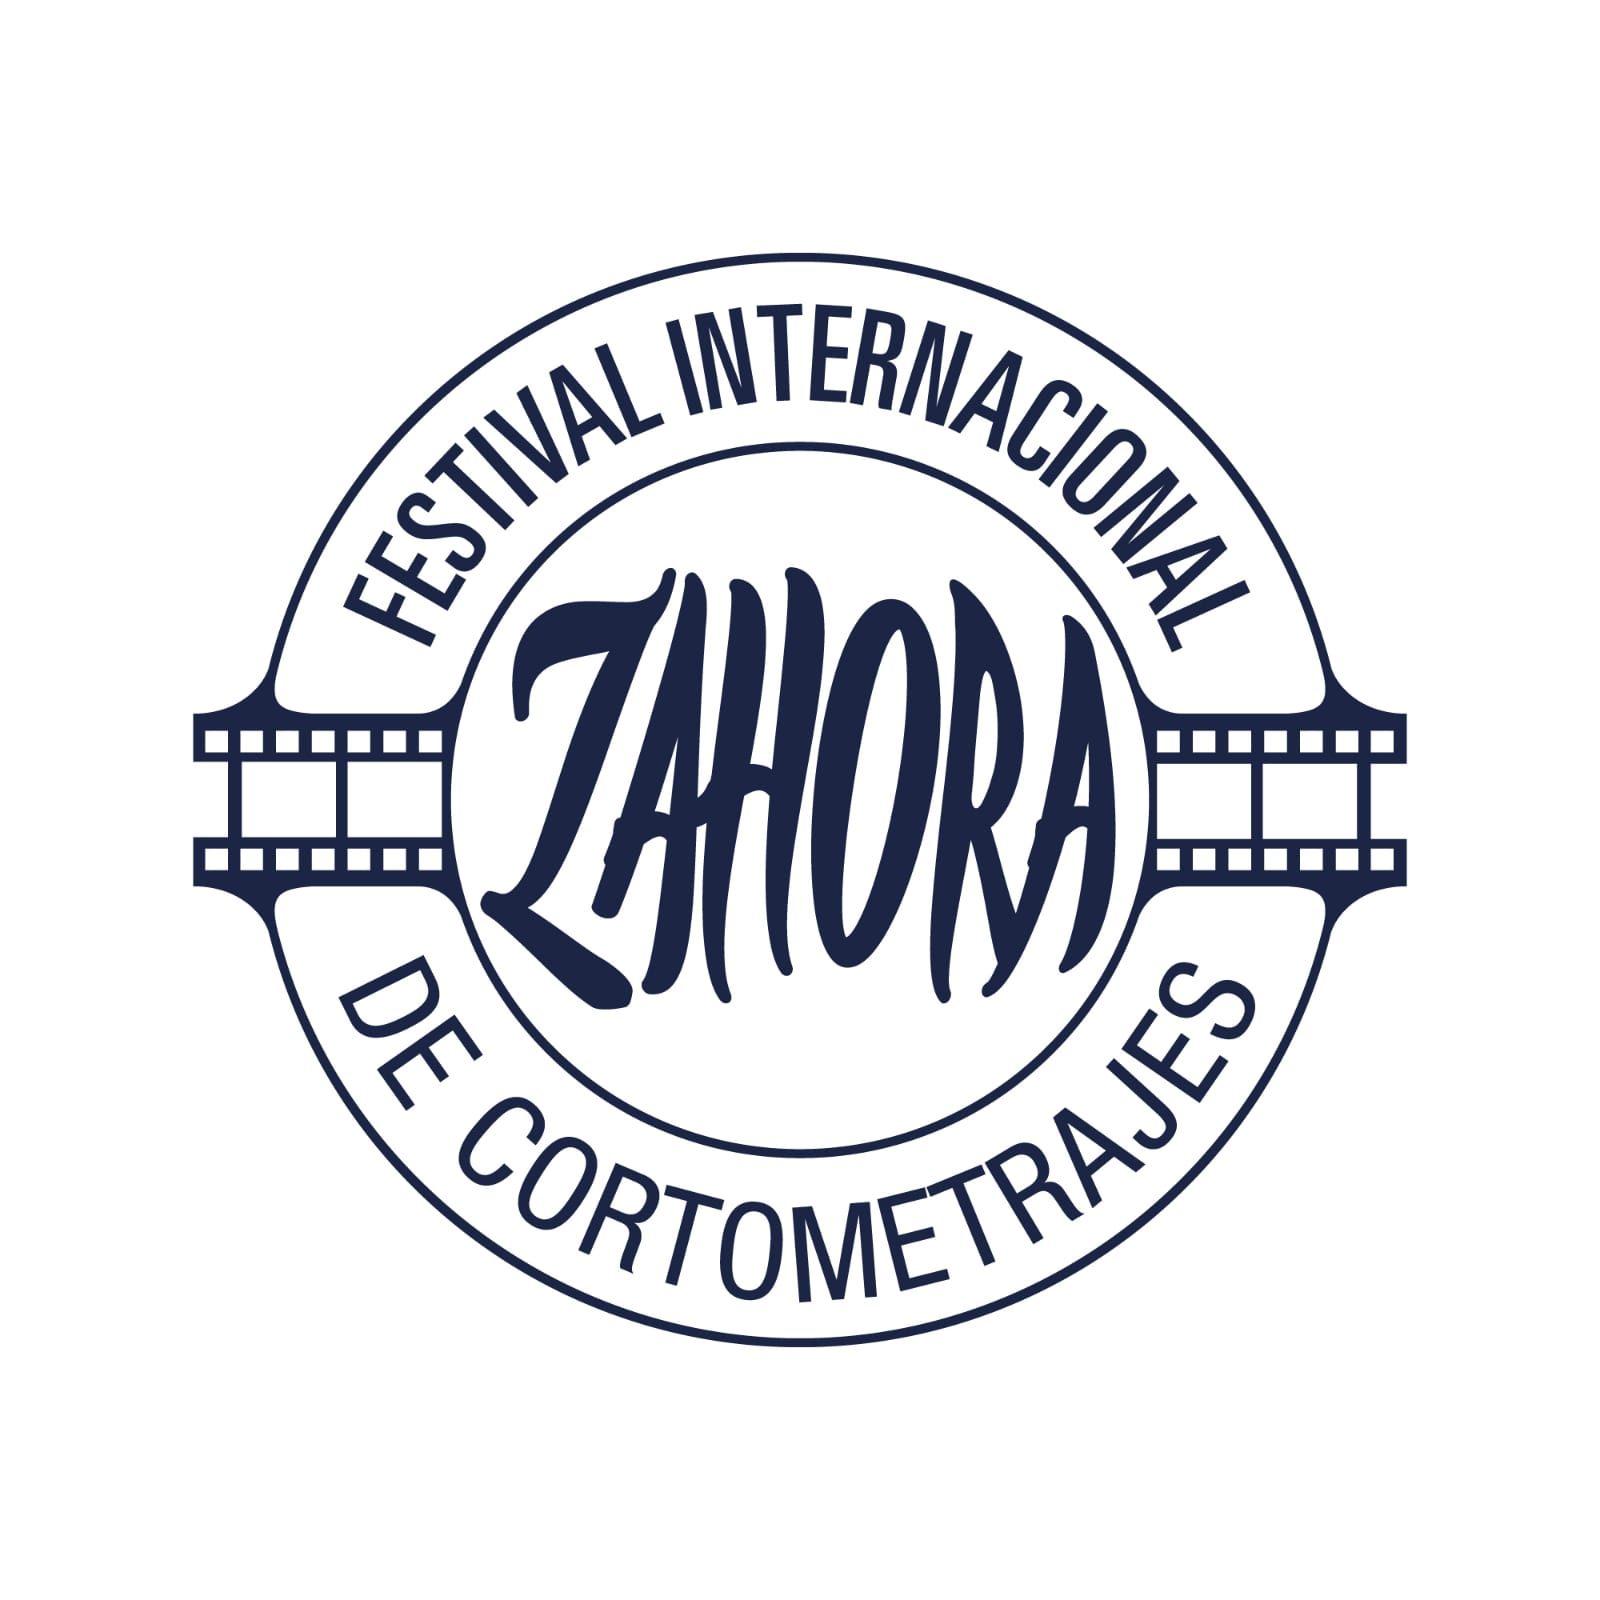 Zahora en Corto, Festival Internacional de Cortometrajes